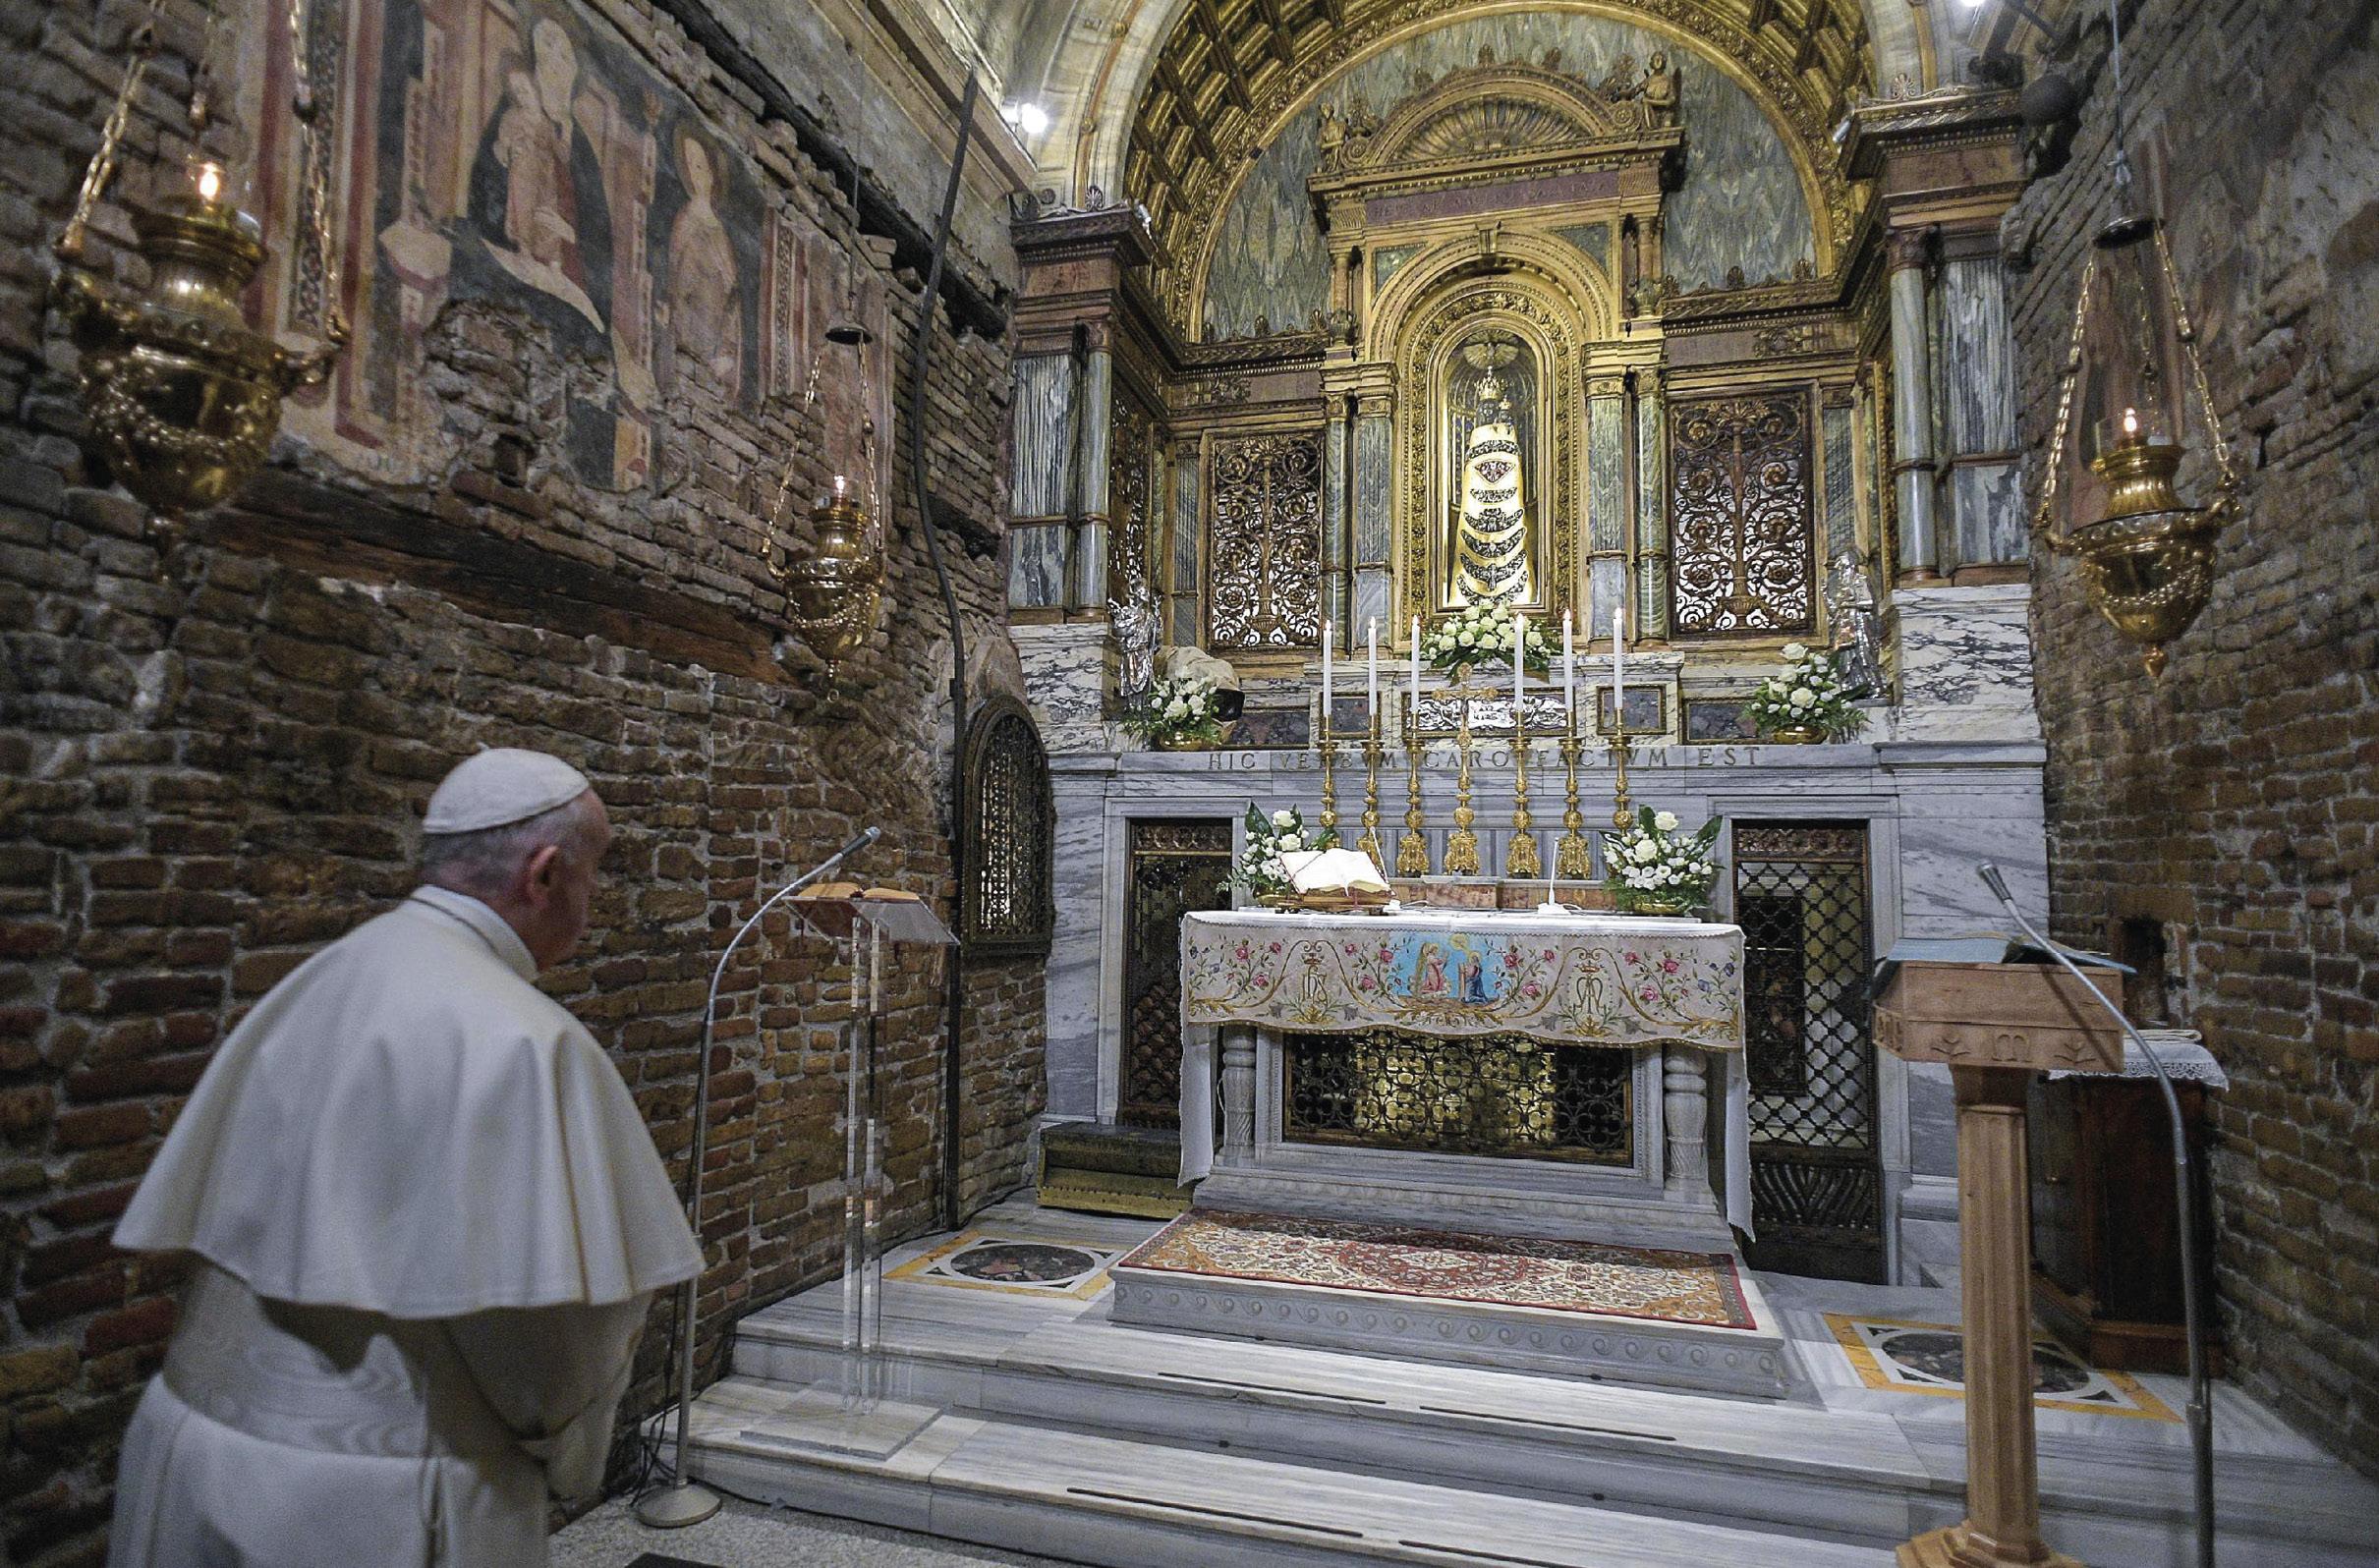 O Papa Francisco reza junto ao altar do Santuário Mariano da Santa Casa do Loreto, onde assinou, a 25 de março de 2019, dia da Anunciação de Nossa Senhora, a Exortação Apostólica Christus Vivit (Cristo Vive).